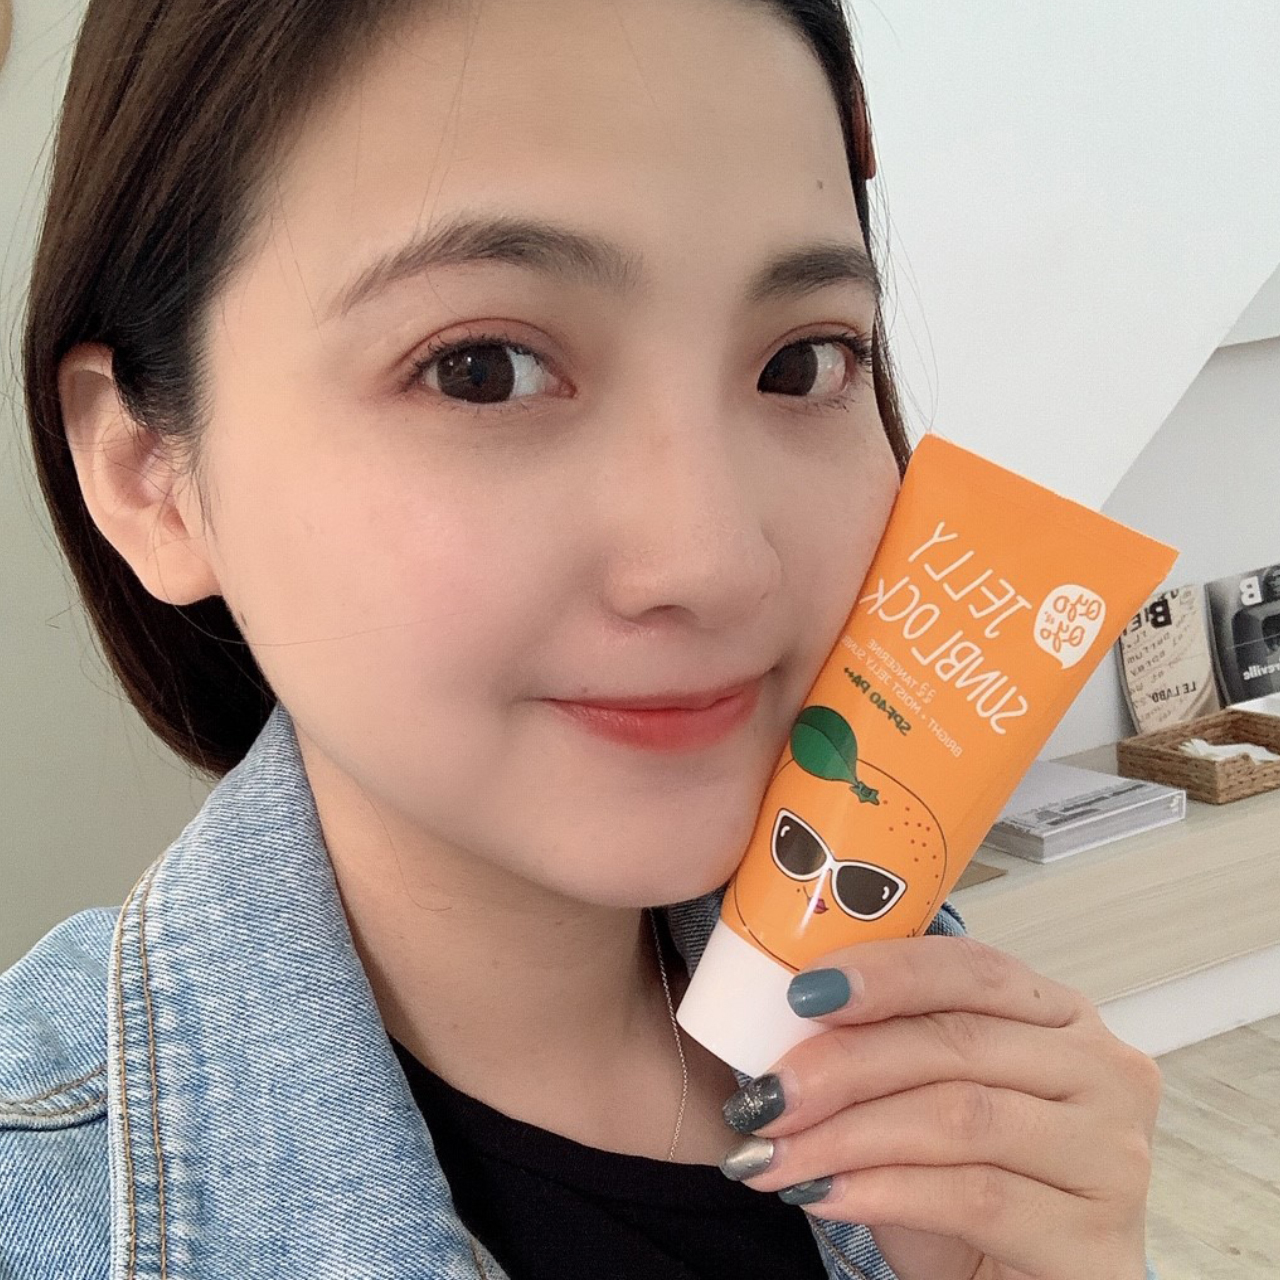 QYOQYO柑橘天然保養品